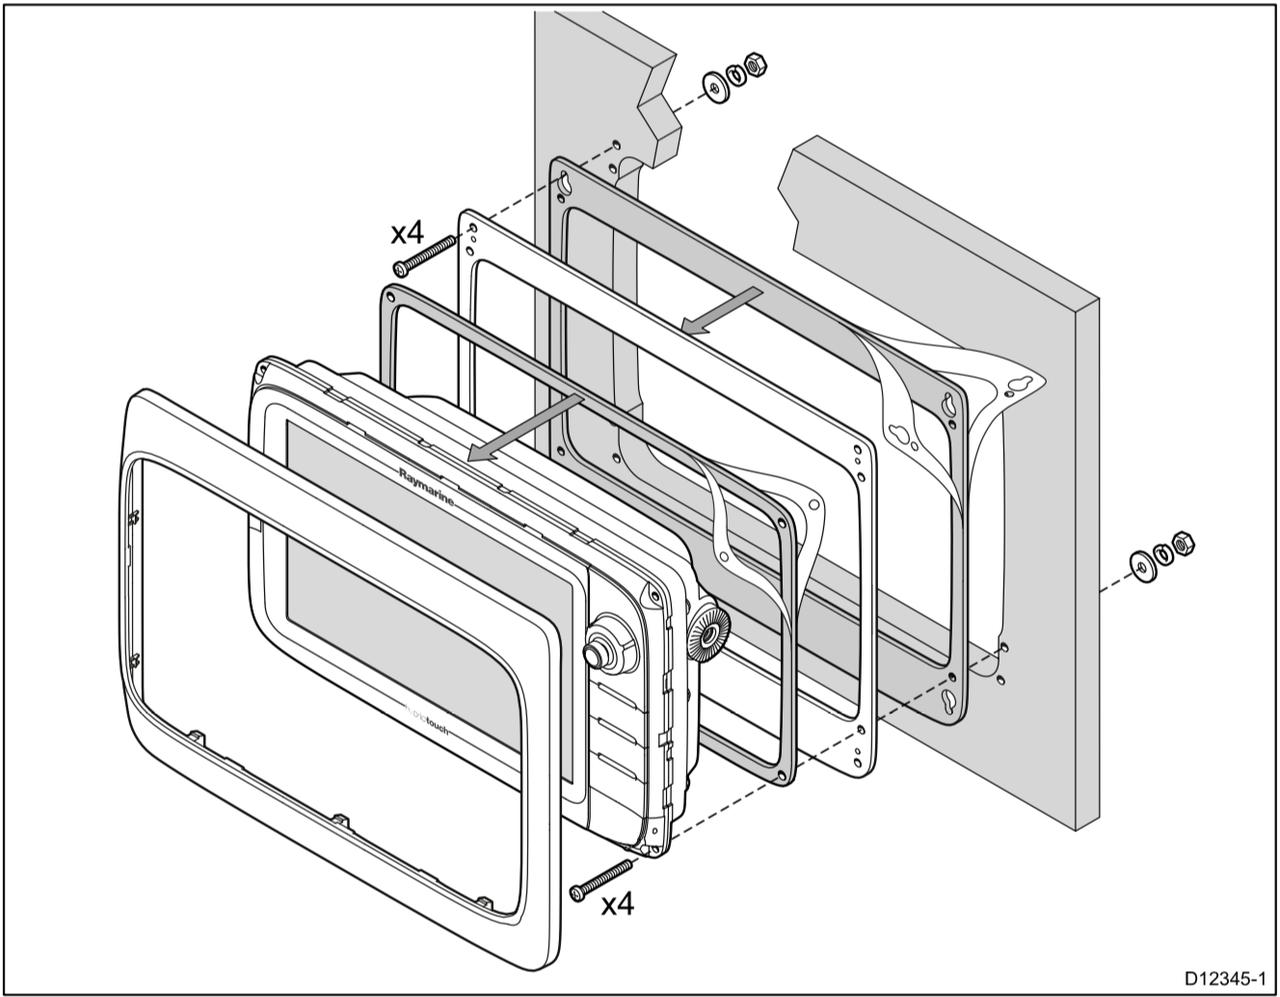 1996 Kawasaki Bayou 300 Parts Diagram Wiring Schematic Electrical 840267 Drill Find U2022 Freightliner Schematics